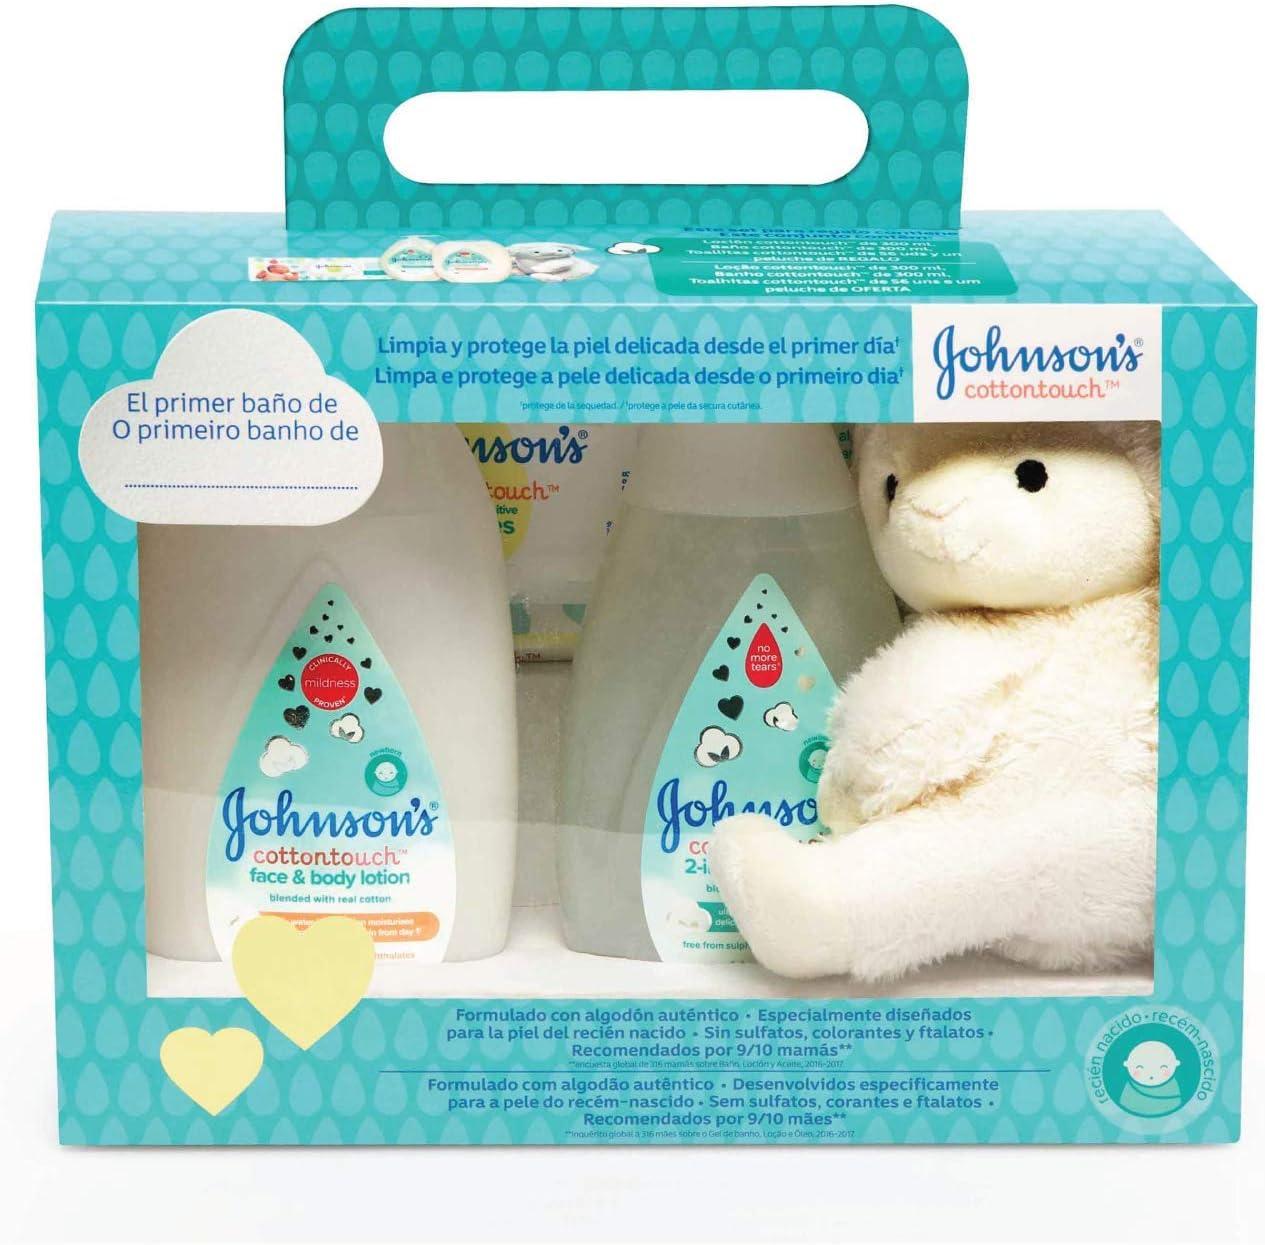 johnsons Baby Set Cotton Touch Gel De Baño 300 ml + Loción Corporal 300 ml + Toallitas 56 Unidades + Peluche Oveja: Amazon.es: Belleza